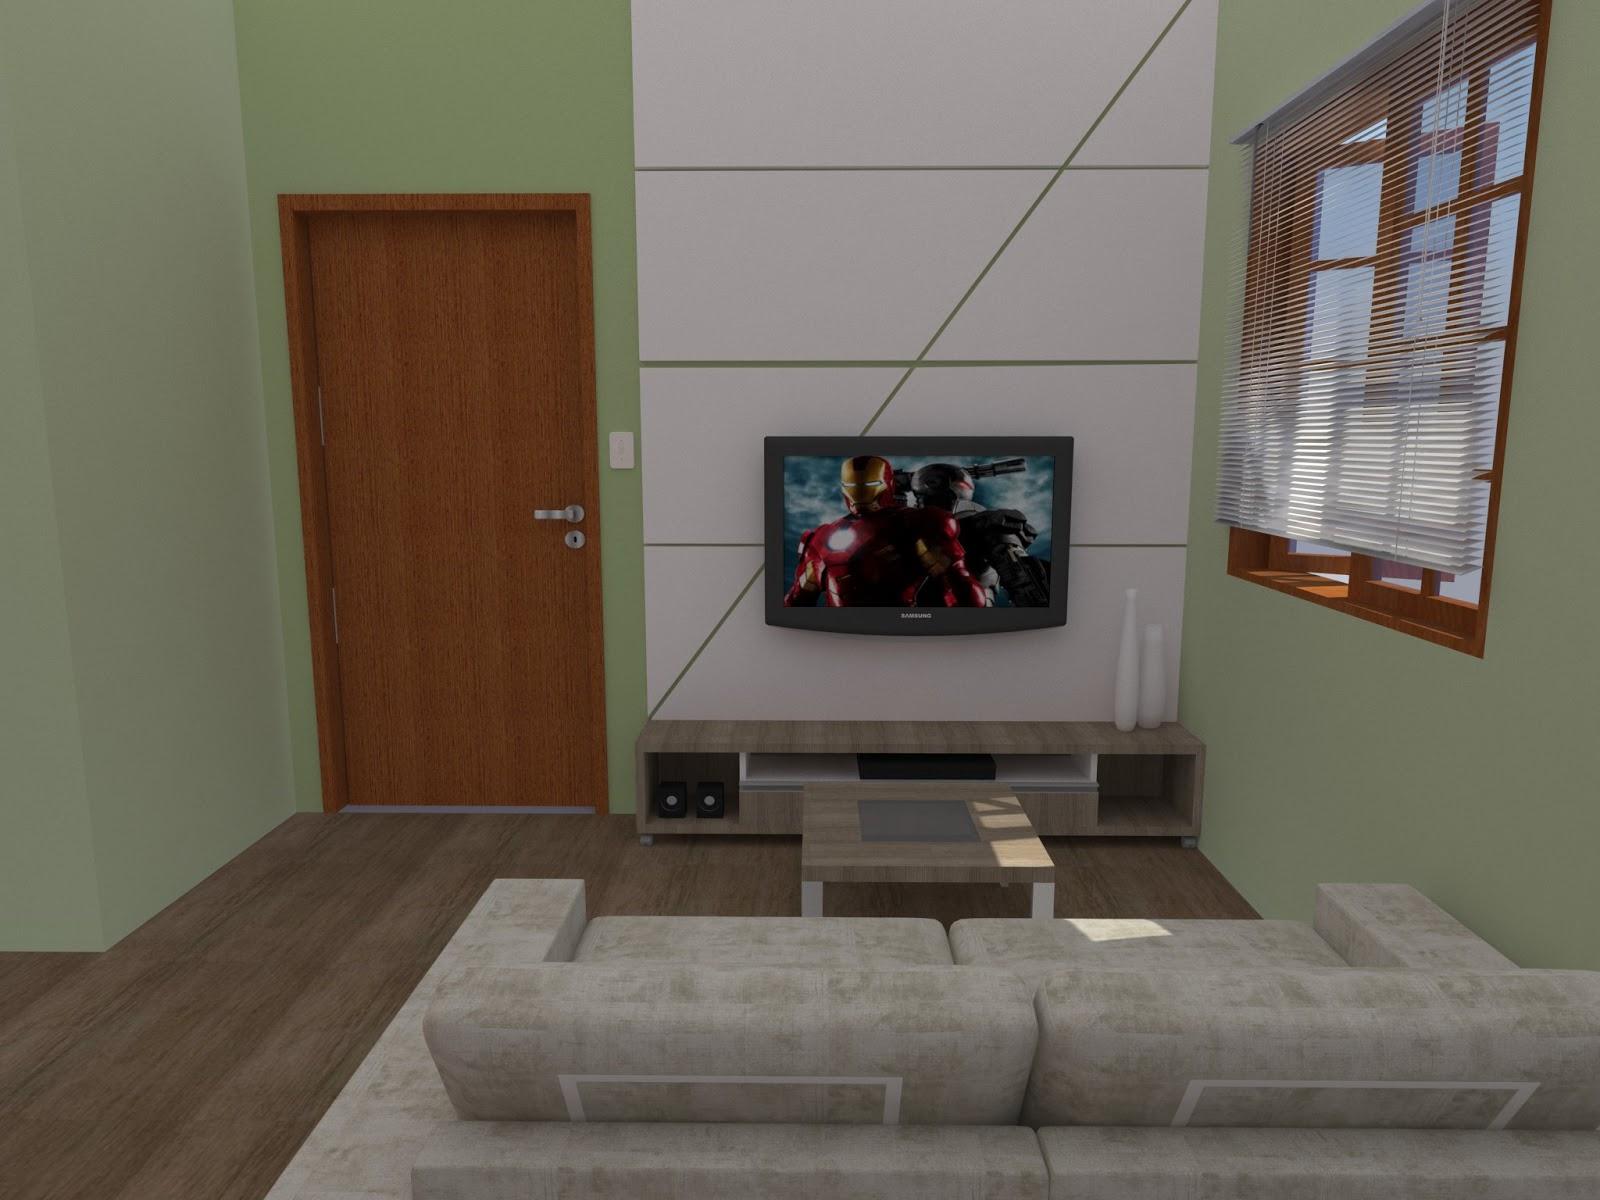 #5A3E2D  Interiores: Trabalho do Curso Técnico em Design de Interiores 02 1600x1200 píxeis em Curso Tecnico Design